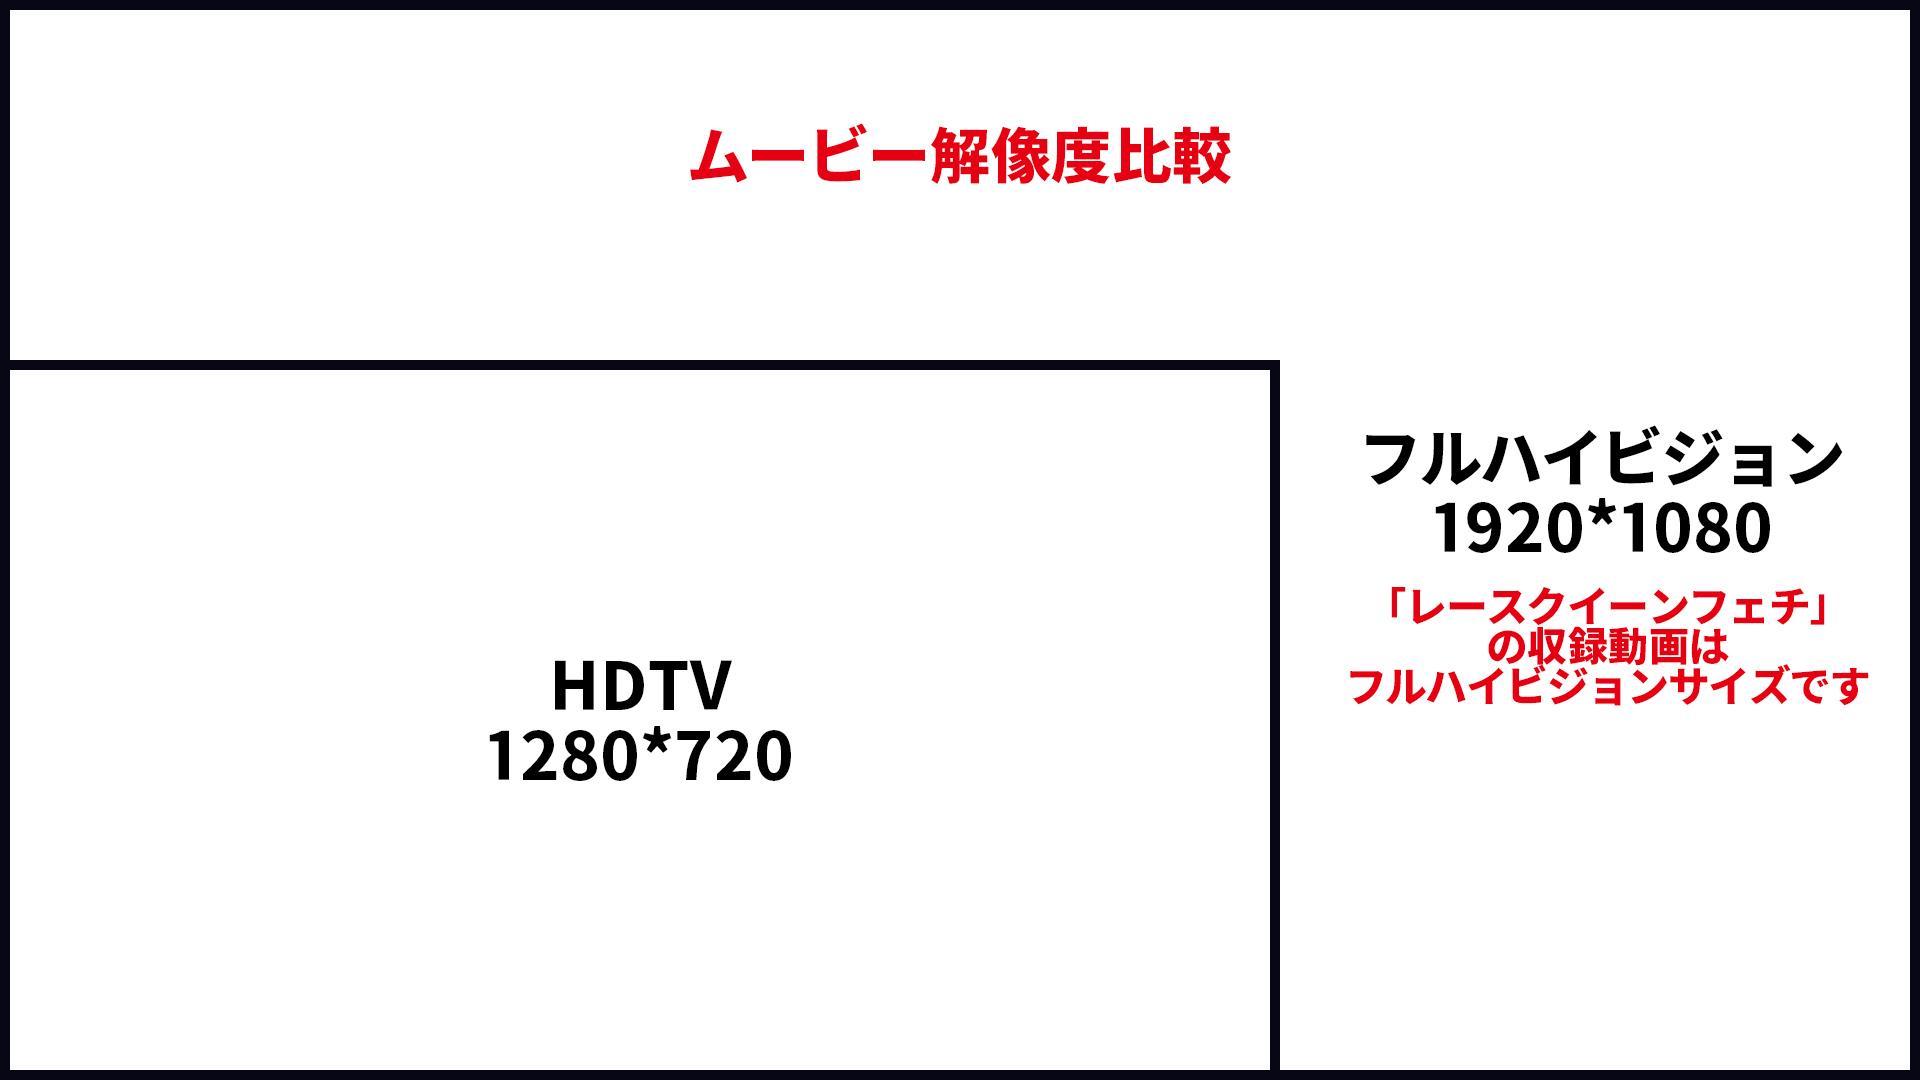 【HD】レースクイーンフェチ#032 ムービー版【4】 サンプル画像05